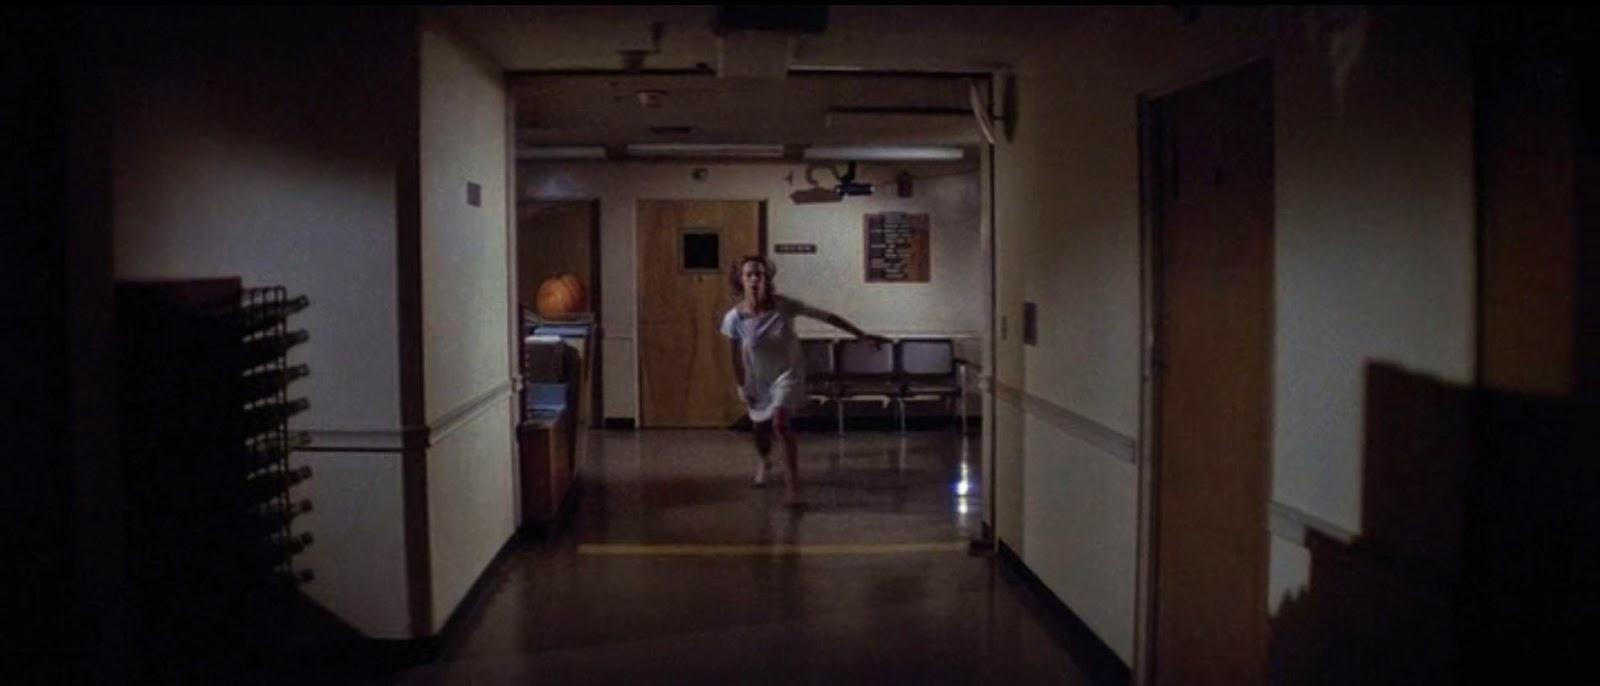 The Film Rules: SLASHER FILM RULES - Halloween II (1981)